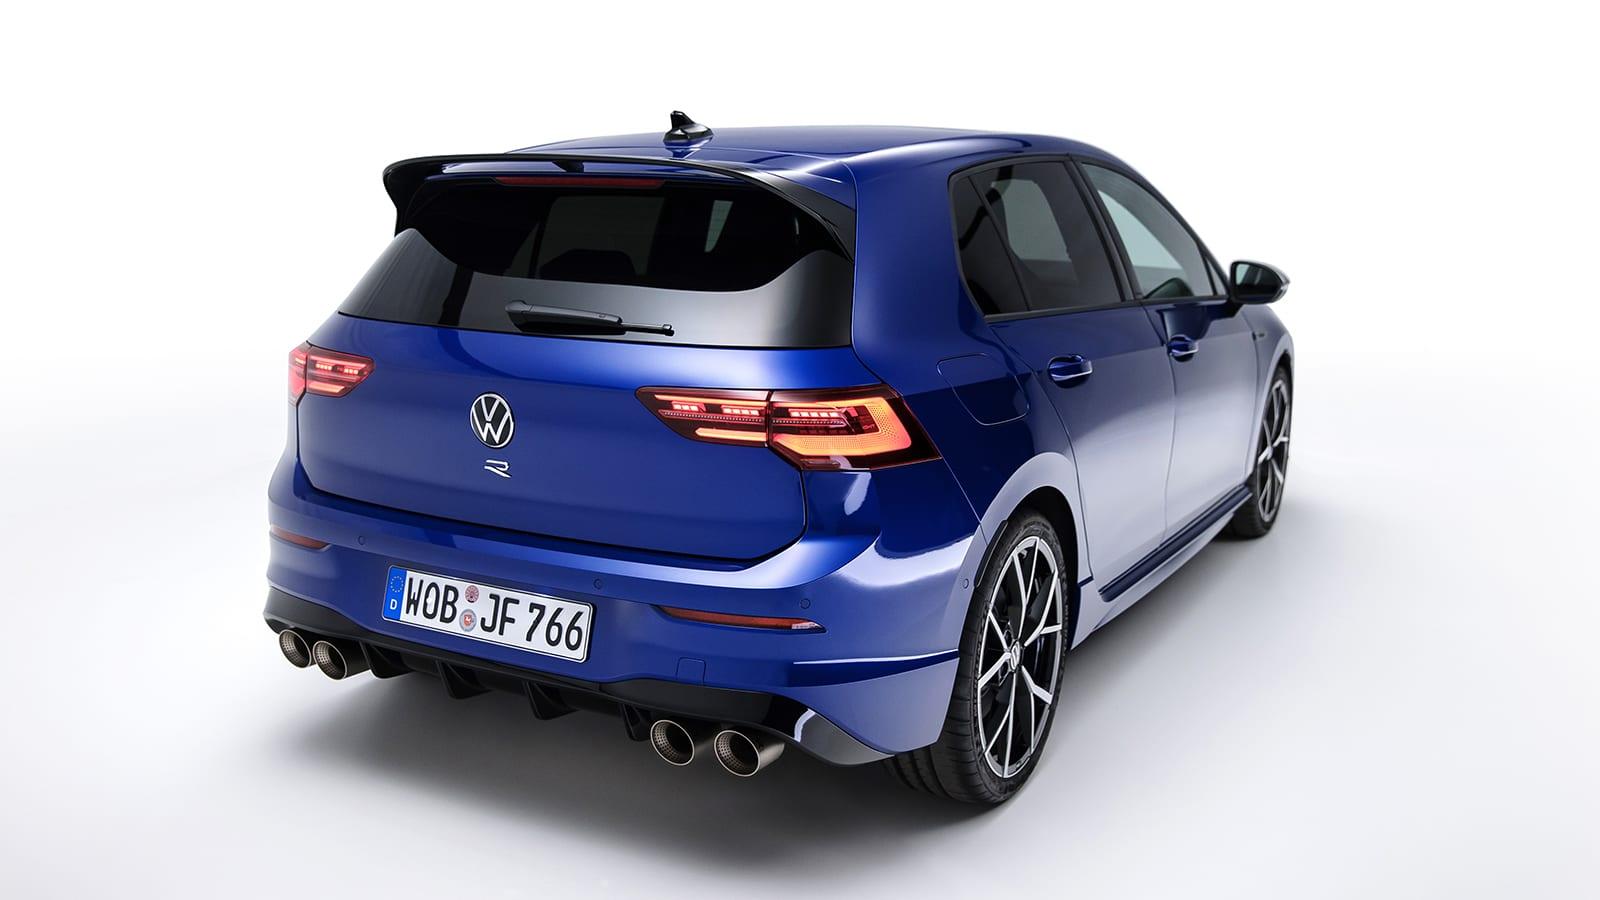 2022 Volkswagen Golf R unveiled with 315 horsepower | Autoblog